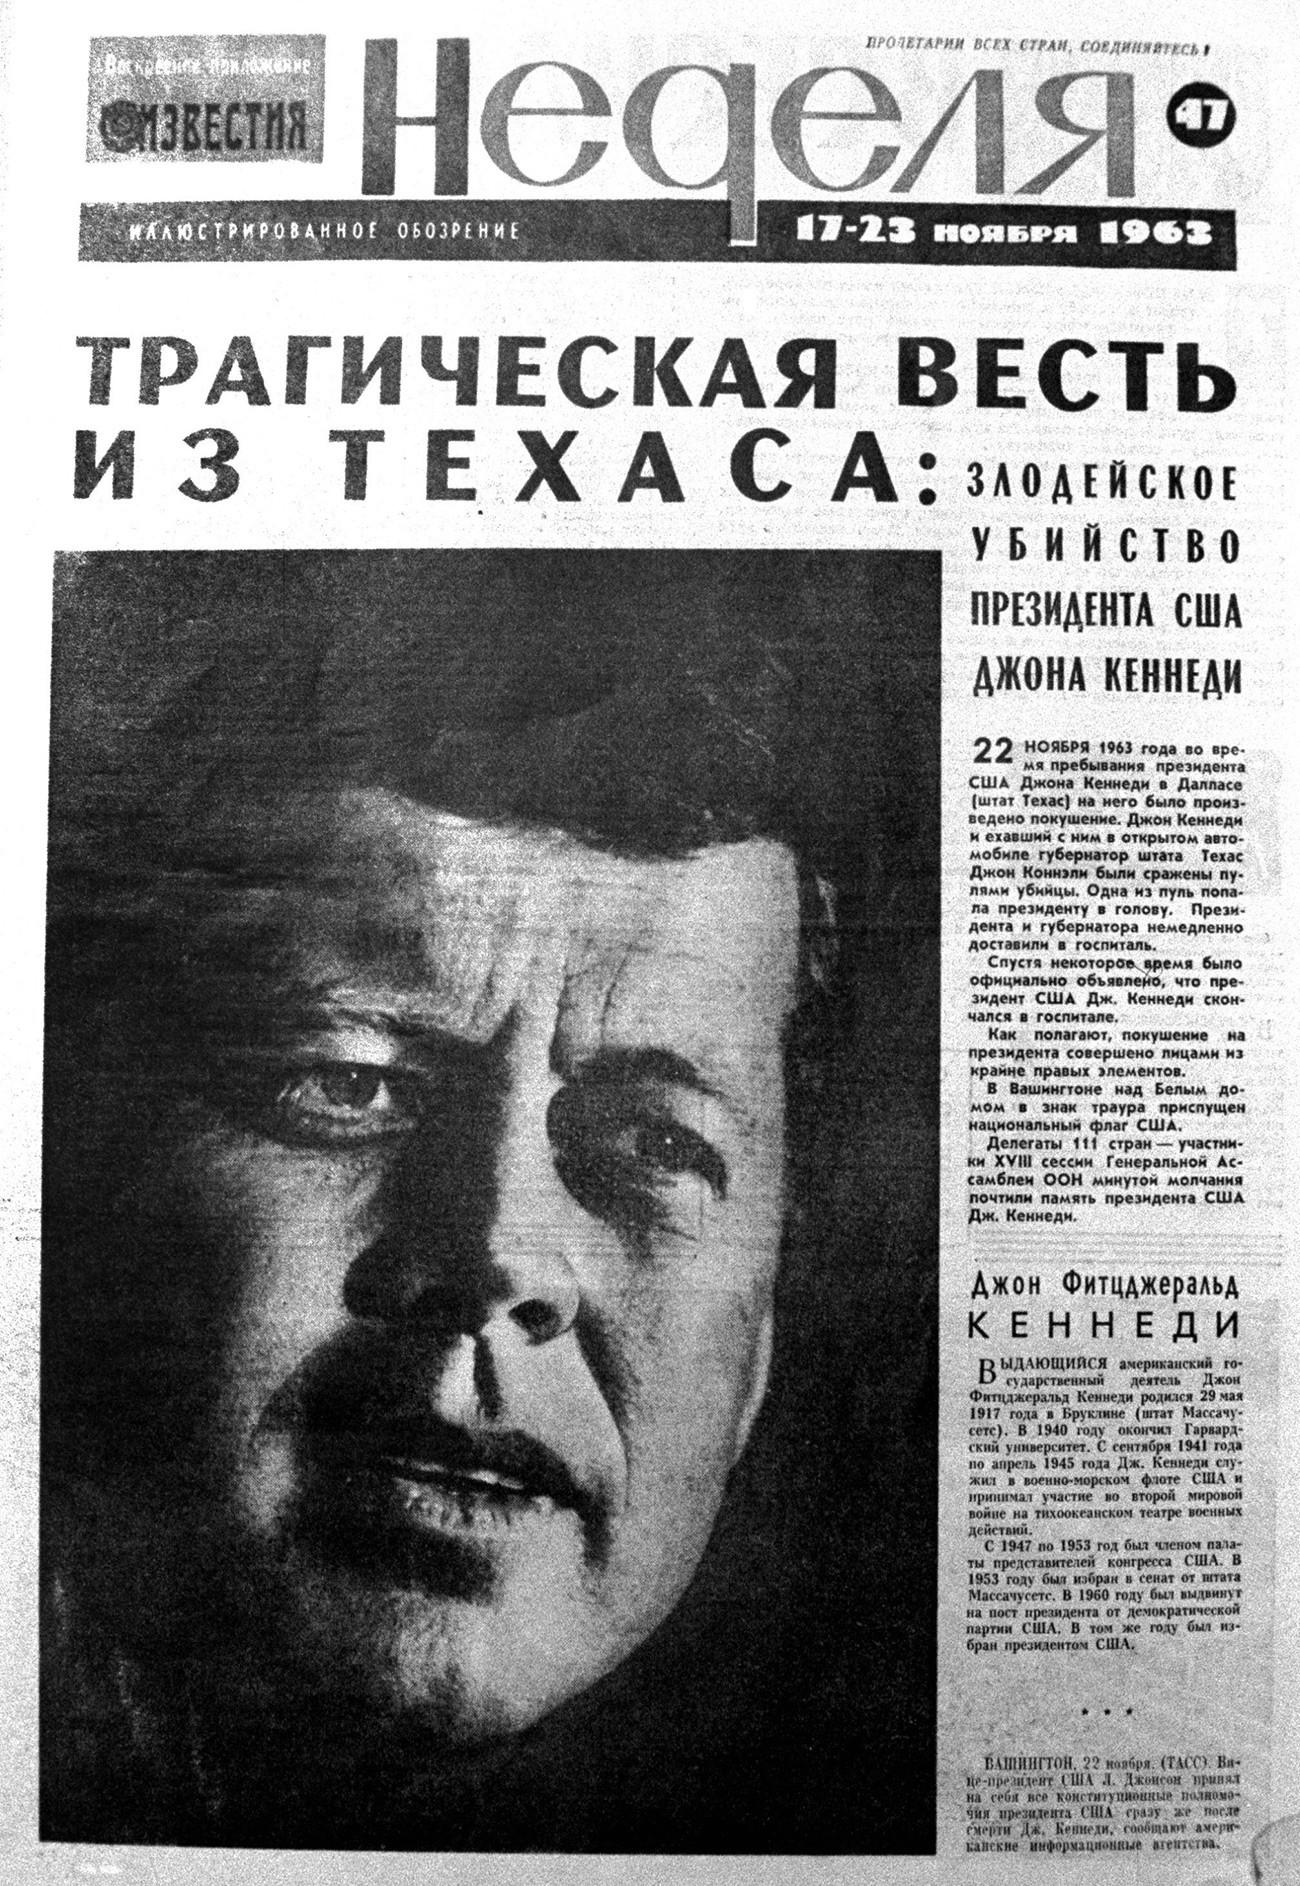 Titelseite der sowjetischen Zeitung